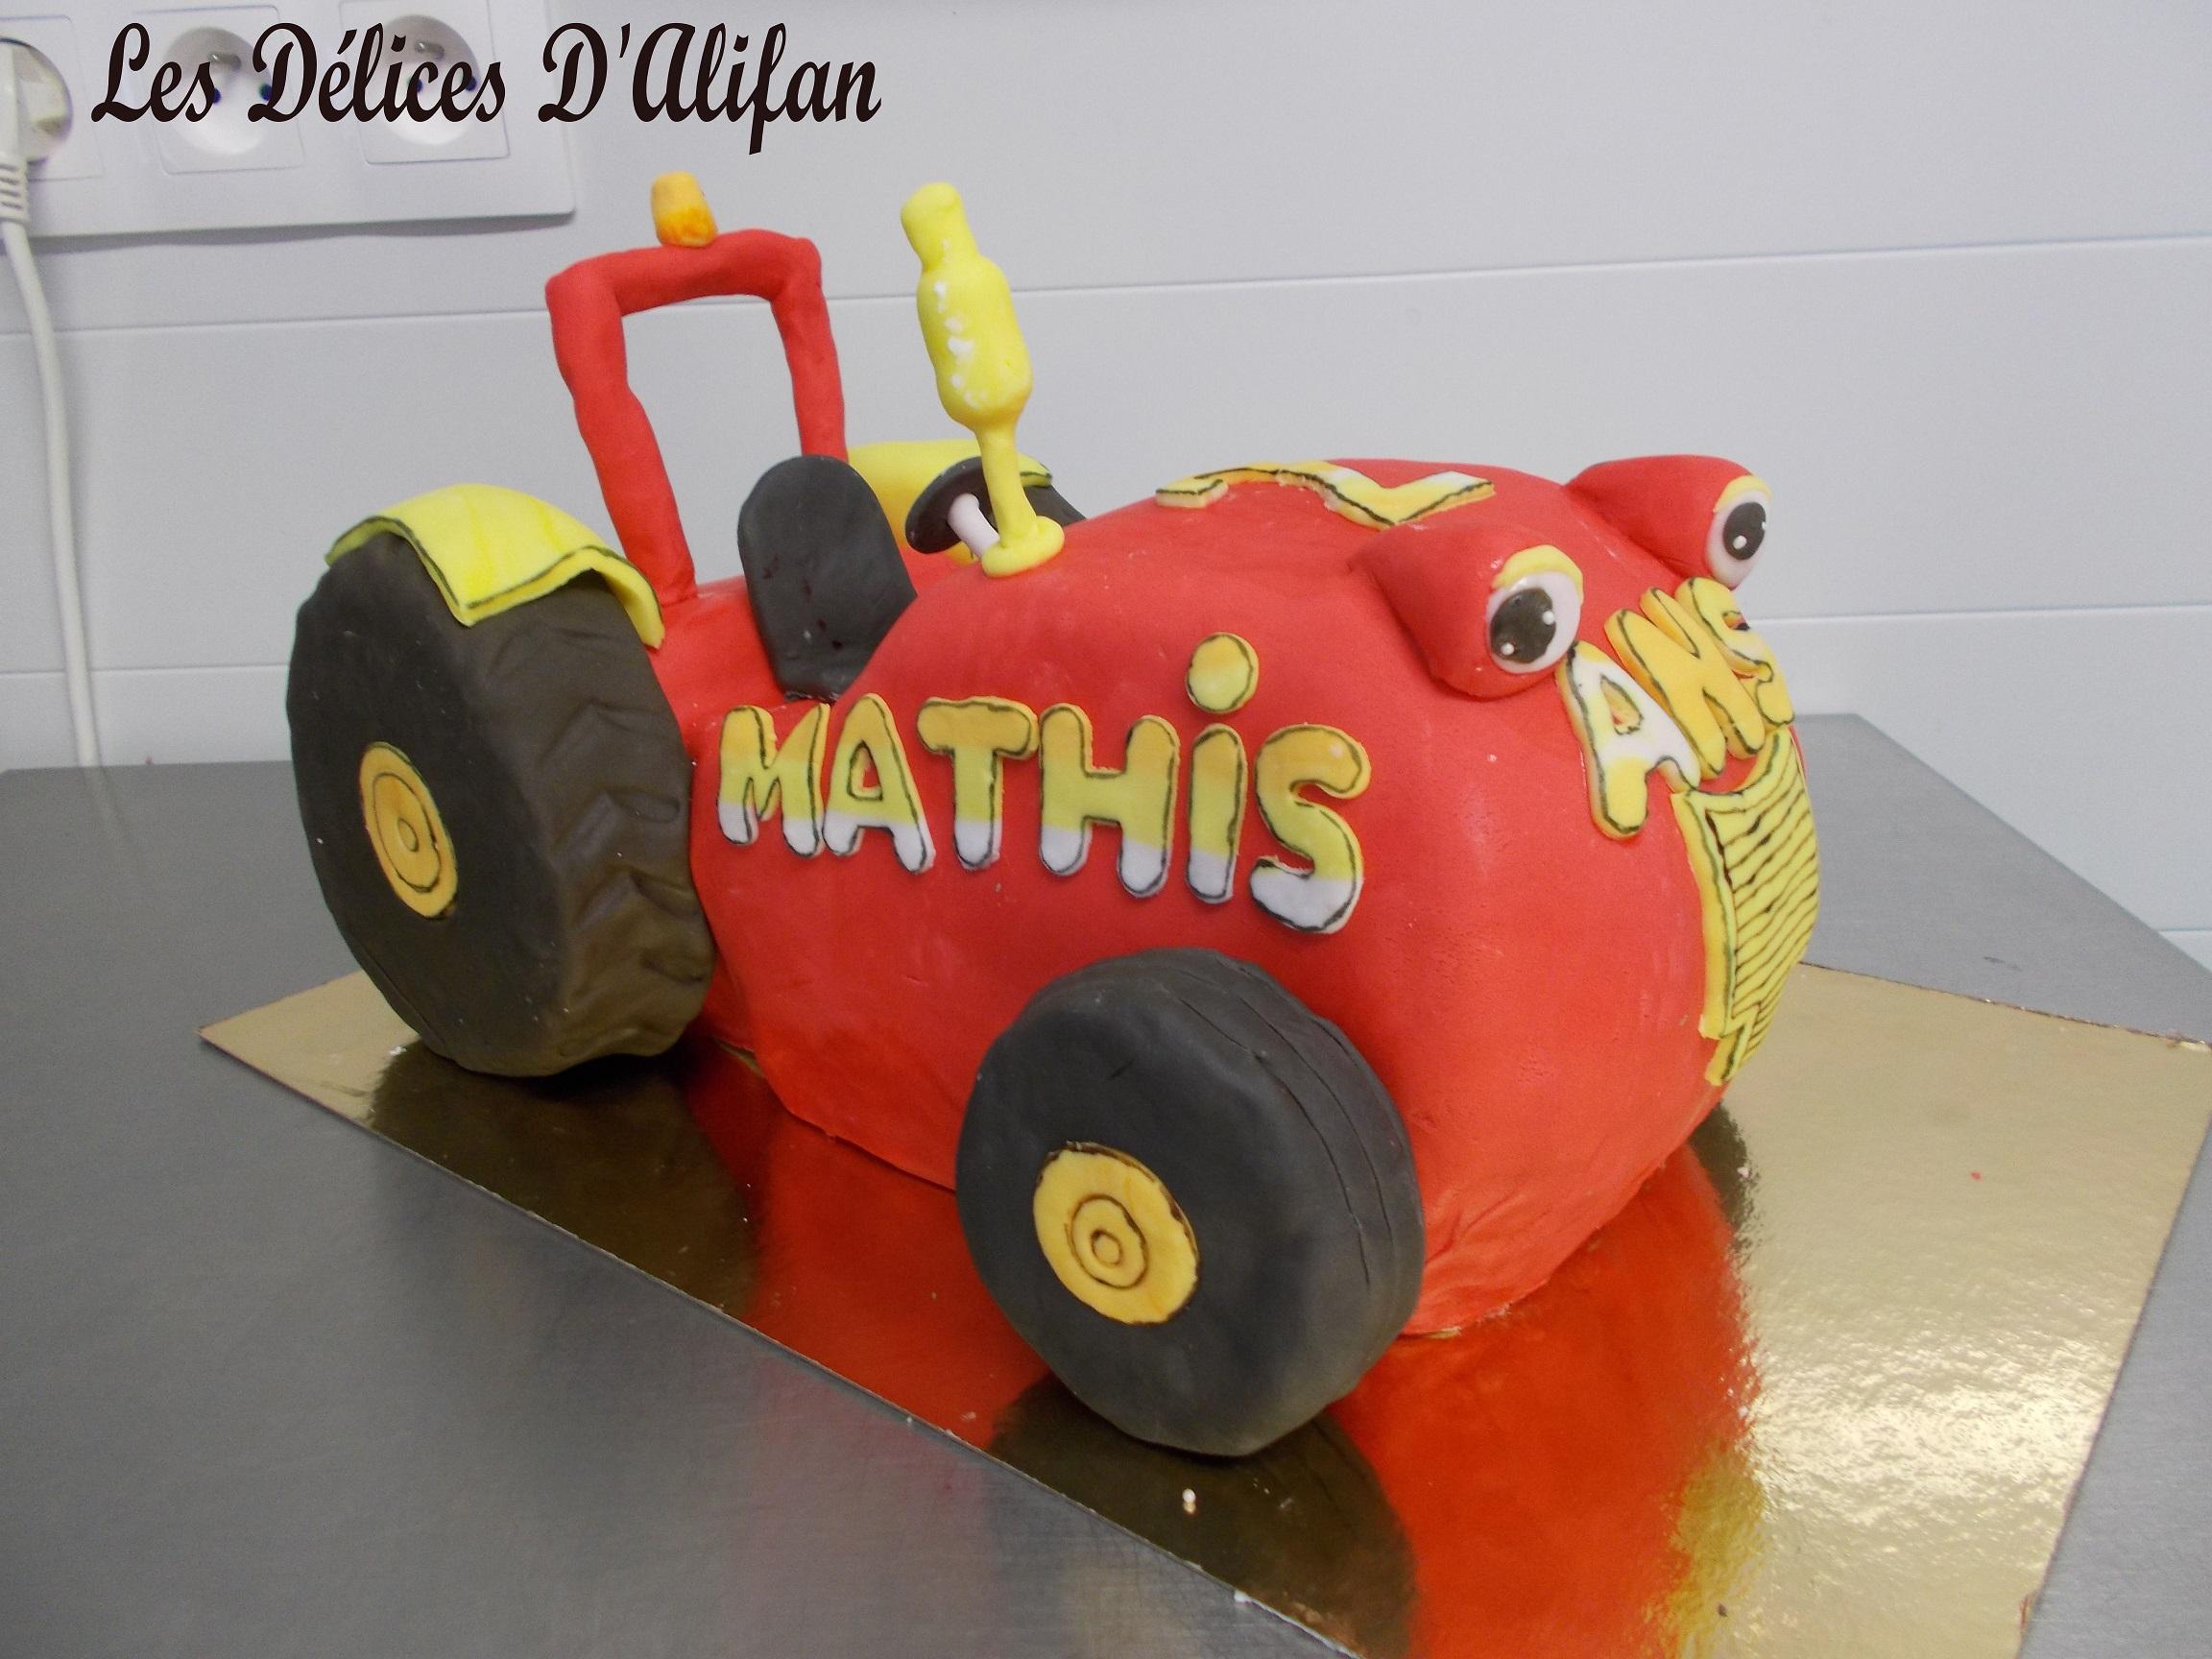 Tracteur tom pour mathis - Le tracteur tom ...